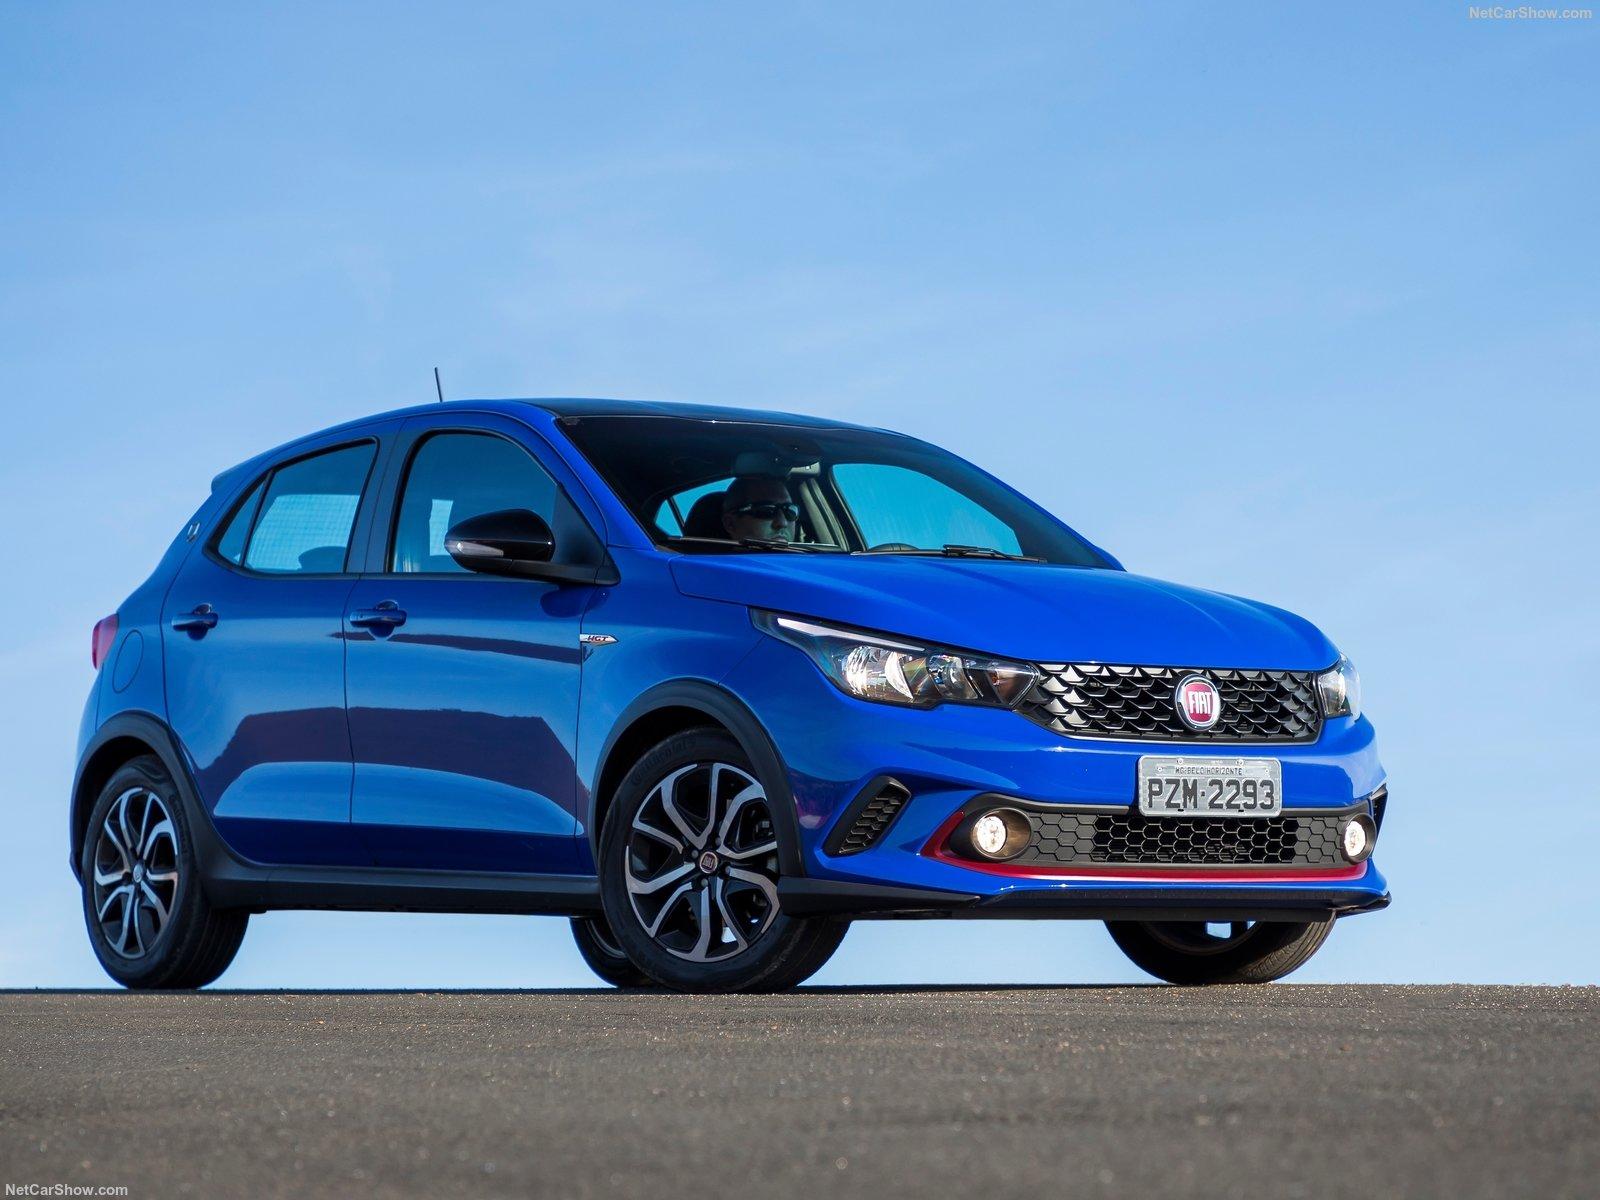 Braziliaanse Fiat Argo Basis Voor Nieuwe Punto Autopaper Meer